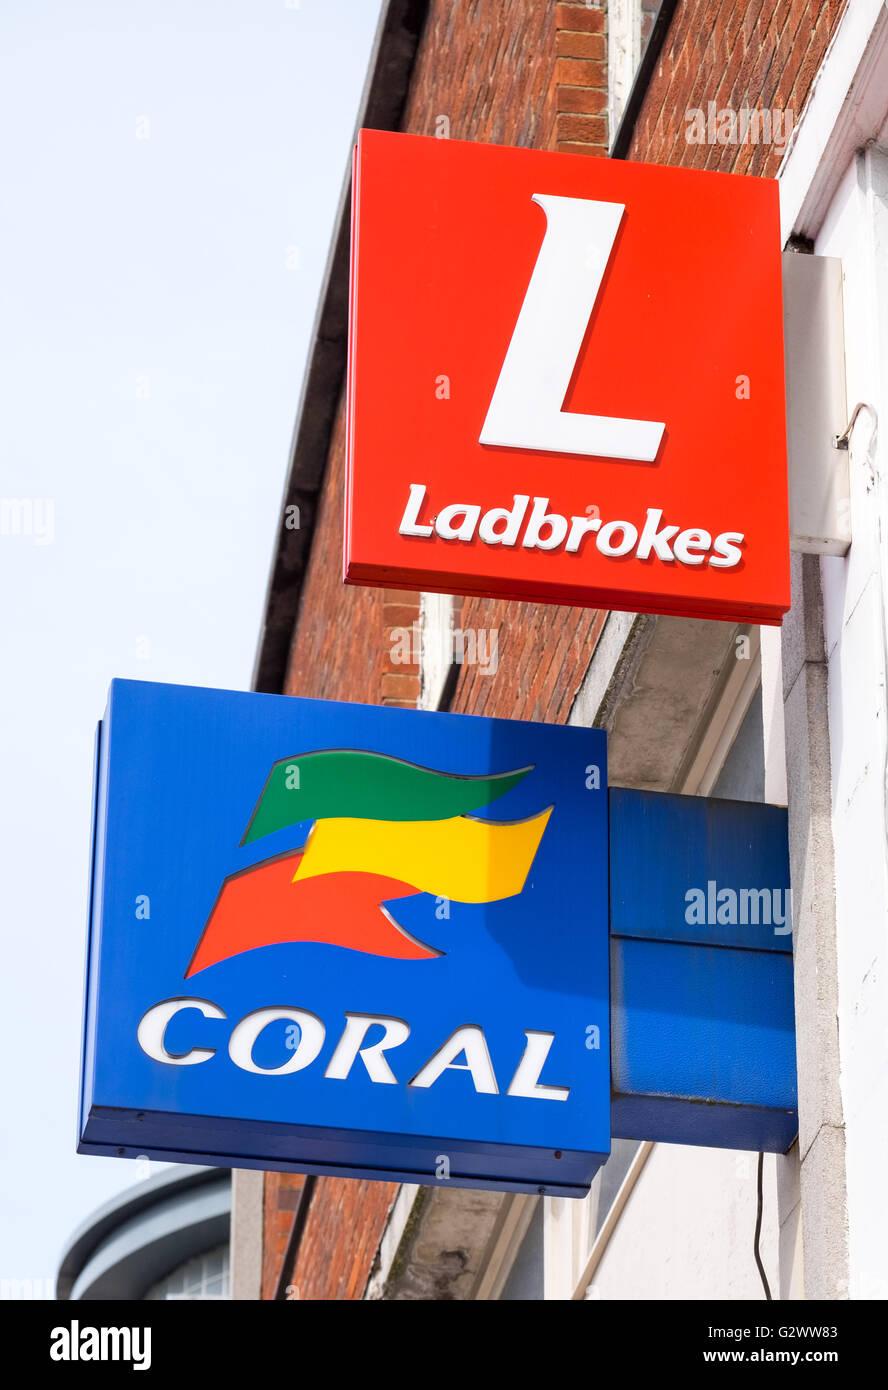 Corallo e Ladbrokes betting shop i segni della porta accanto a ciascun altro Immagini Stock